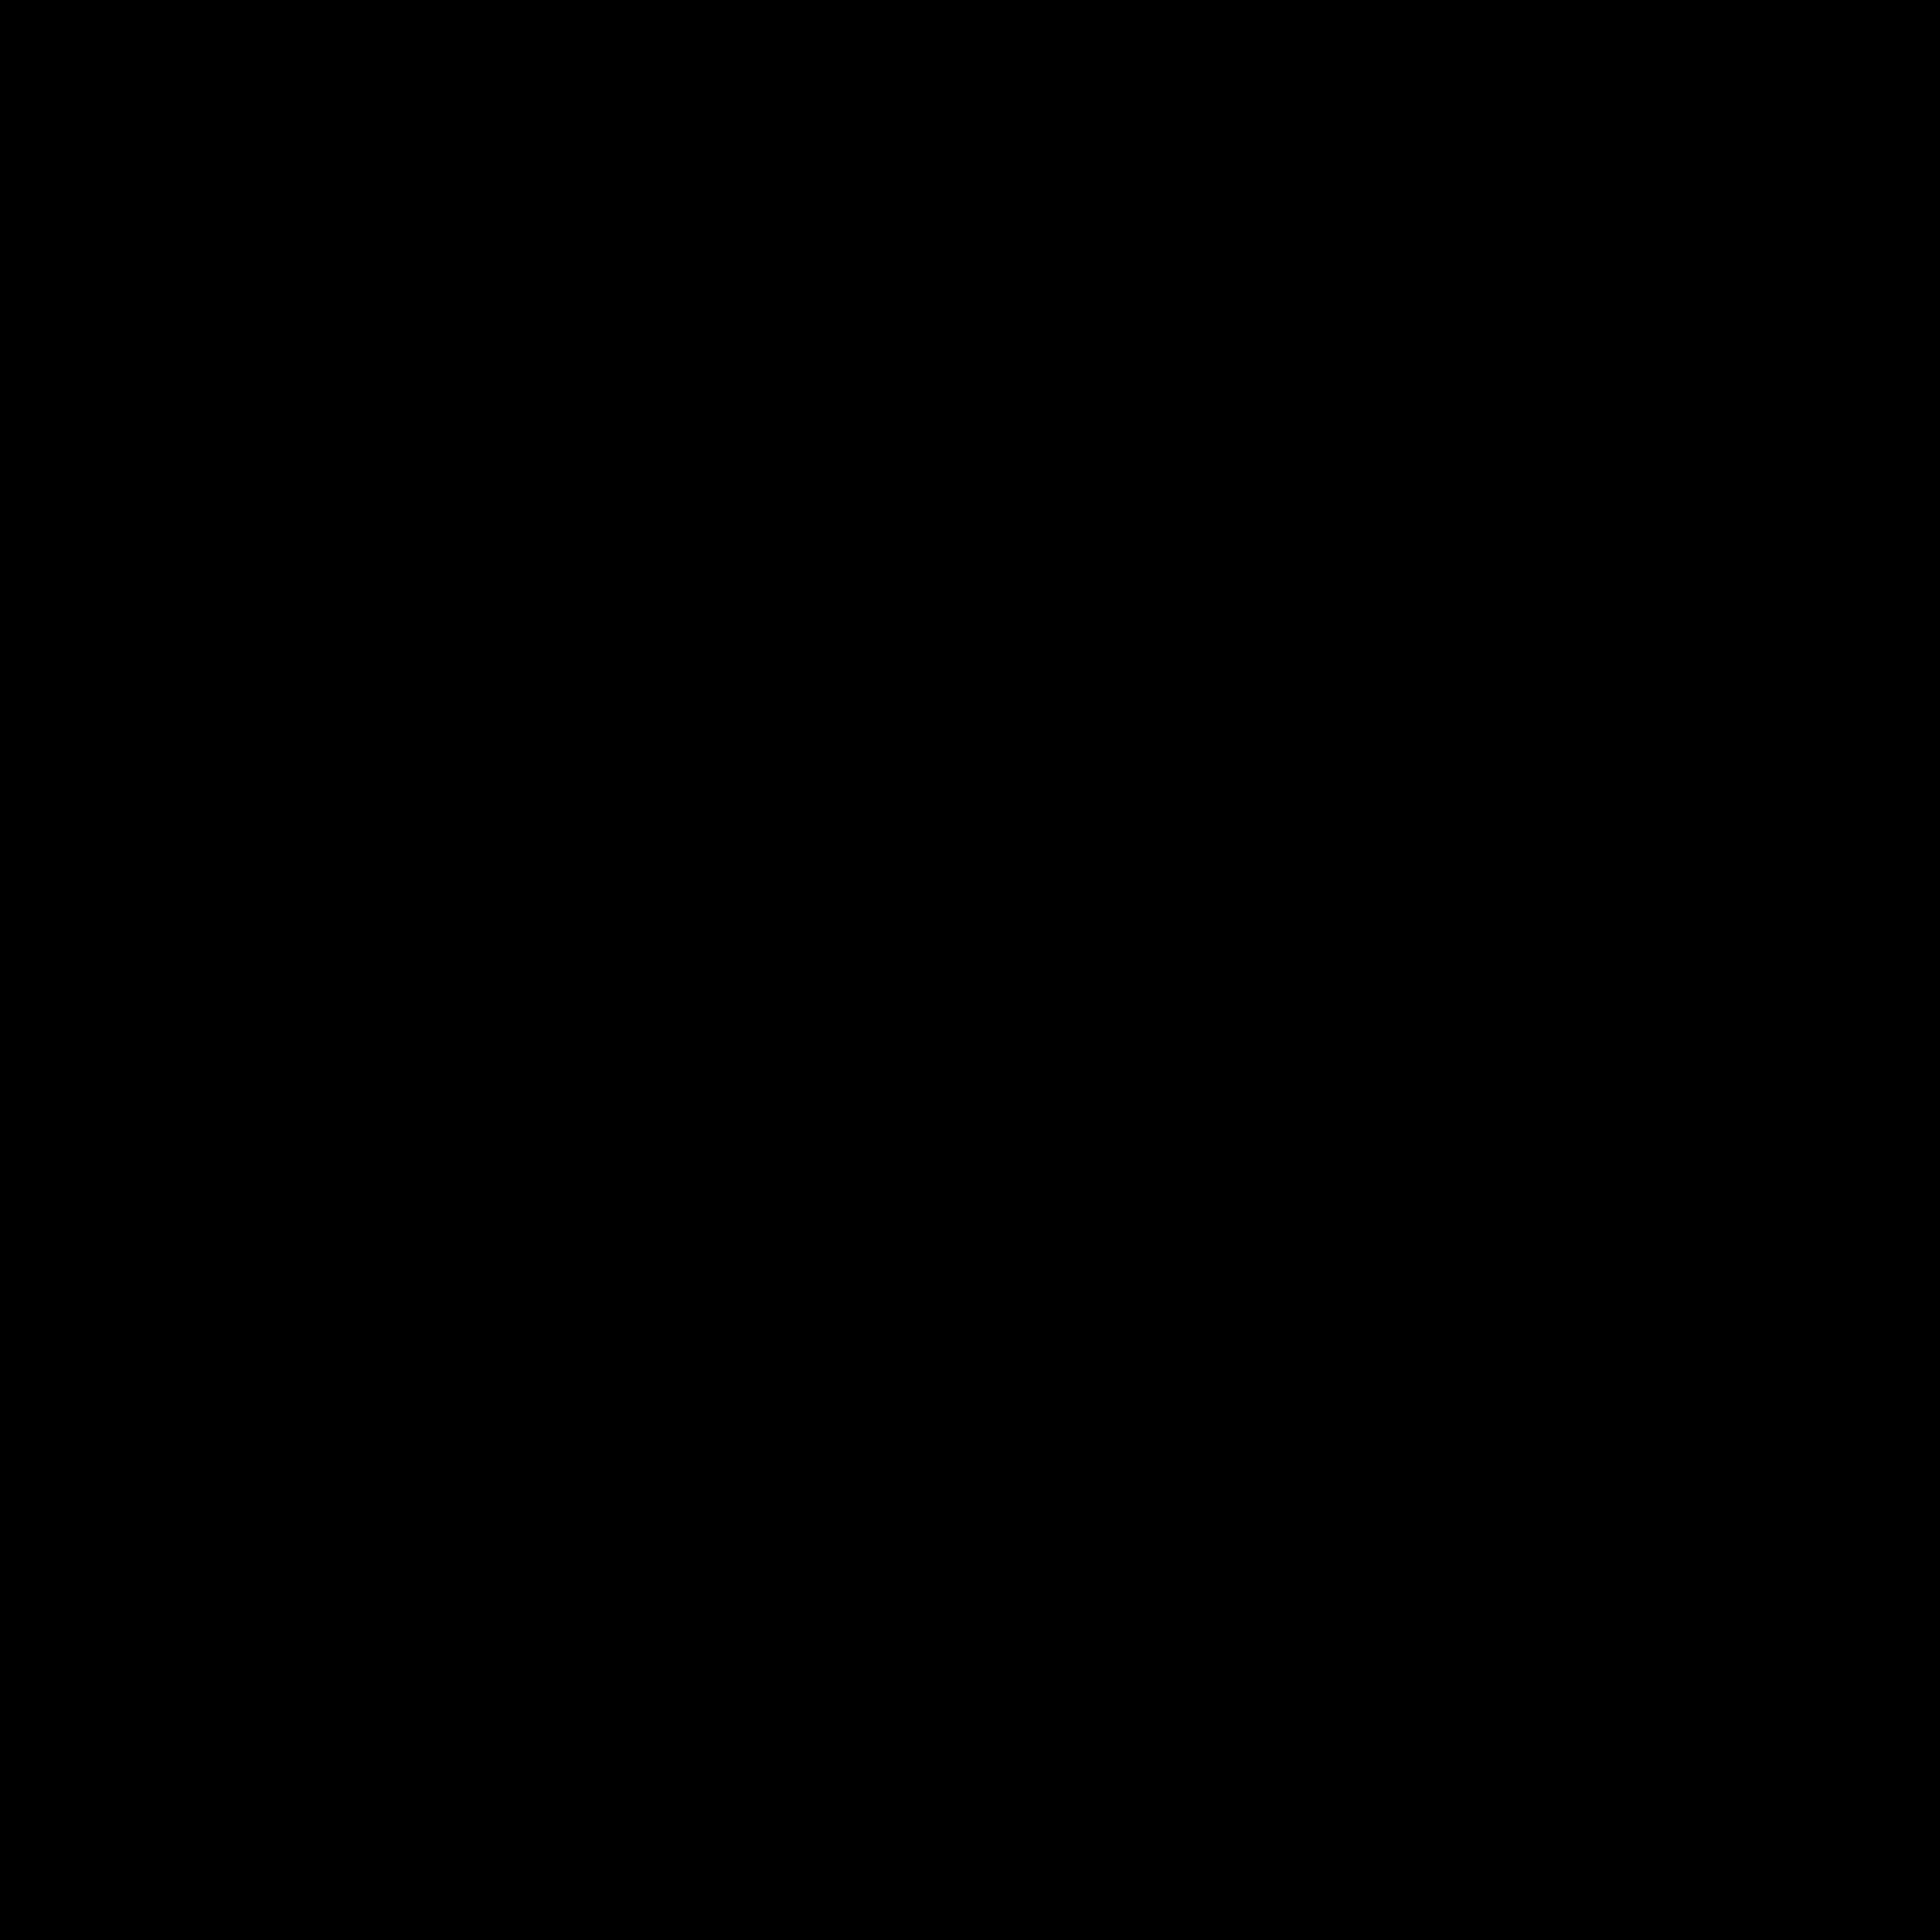 Logo #bitquick - Bitquick - bitquick.com